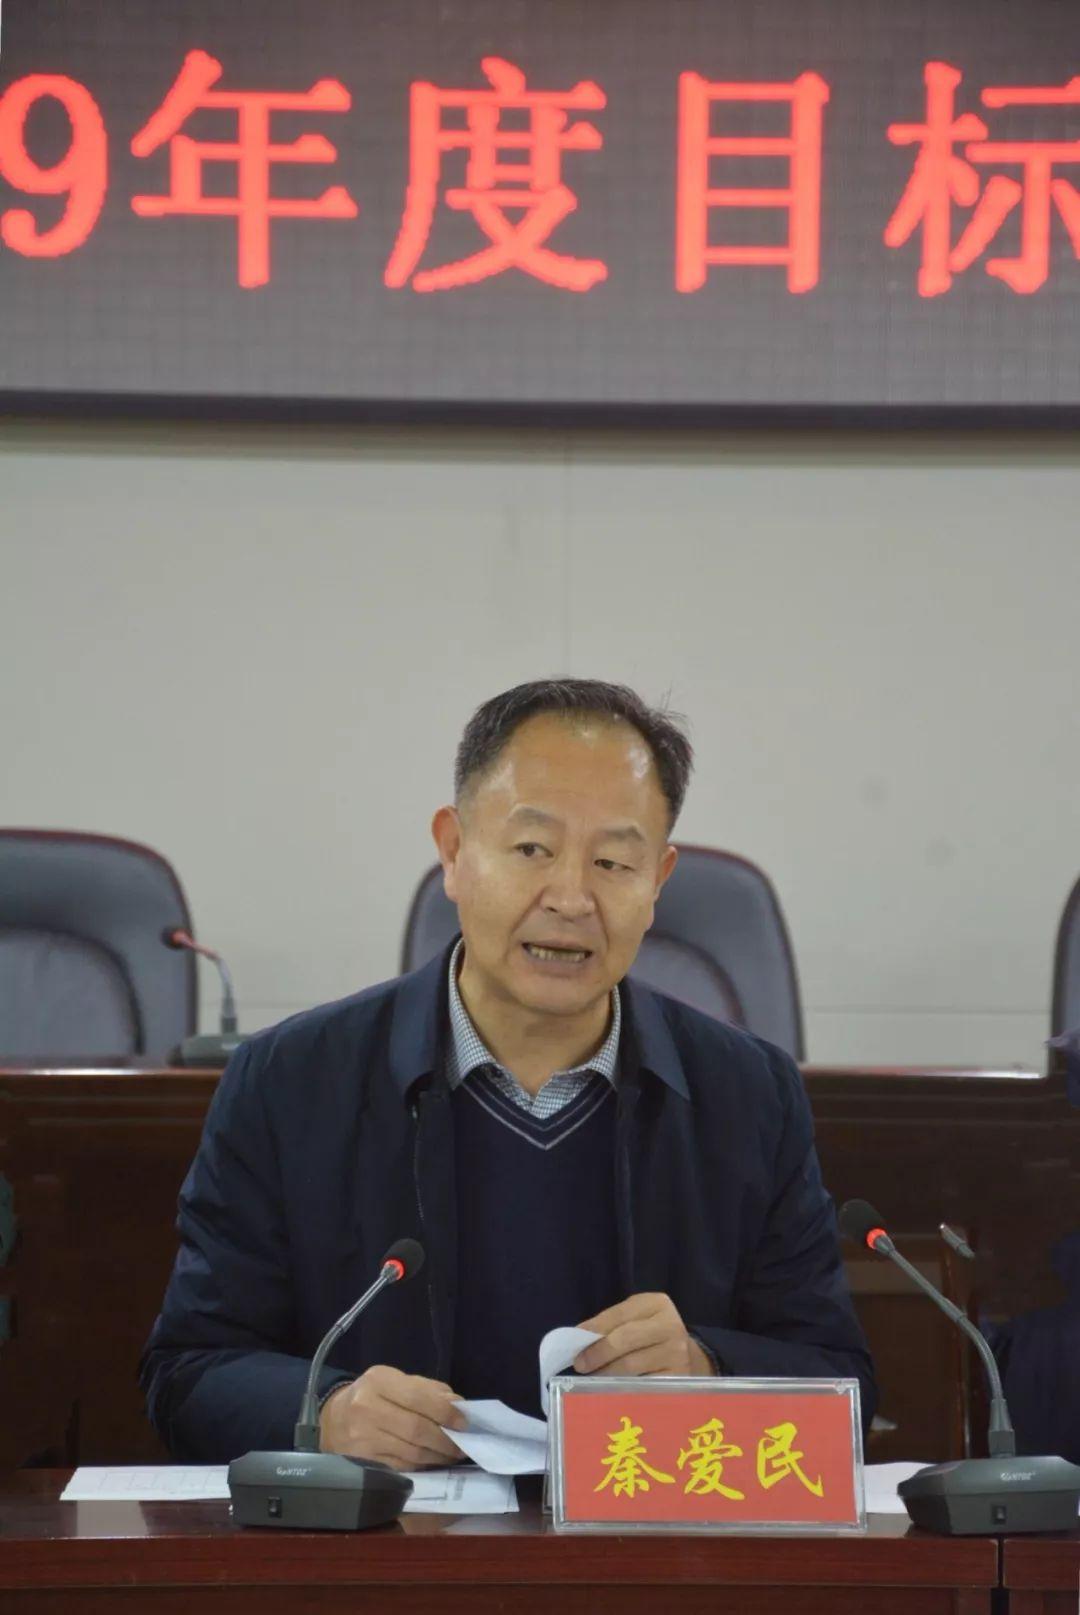 河南11选5遗漏号码体育局召开2019年度目标责任考核大会